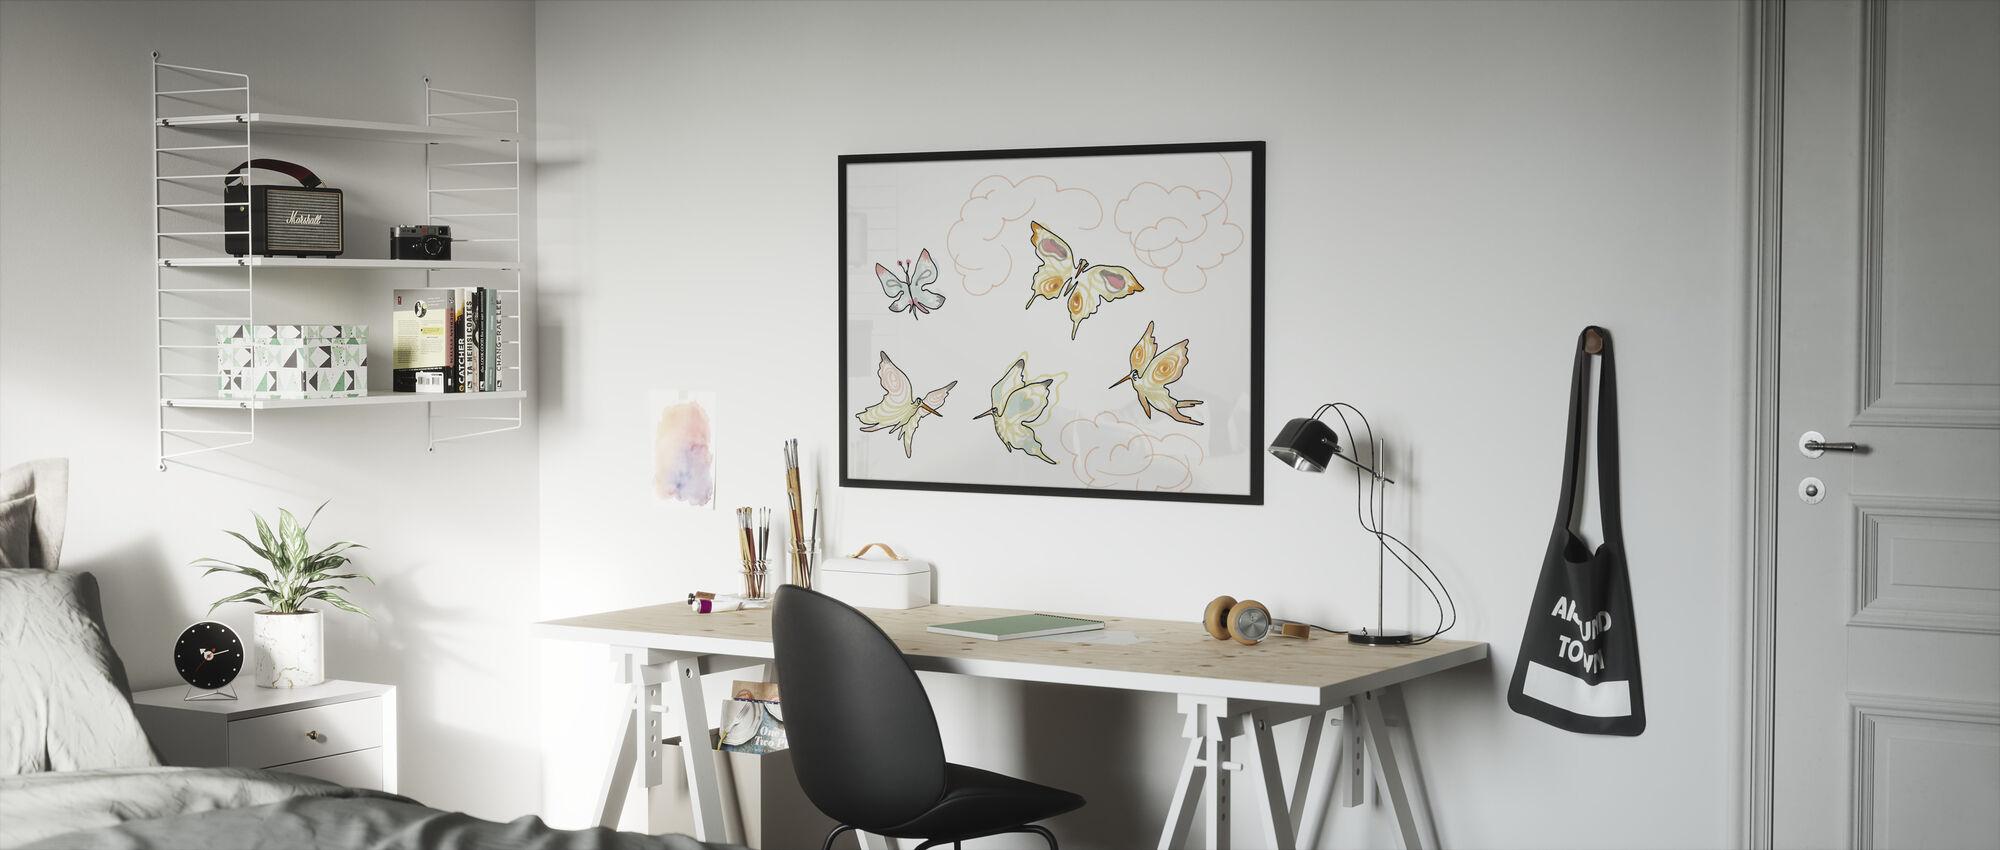 Jonka perhonen 2 - Kehystetty kuva - Lastenhuone